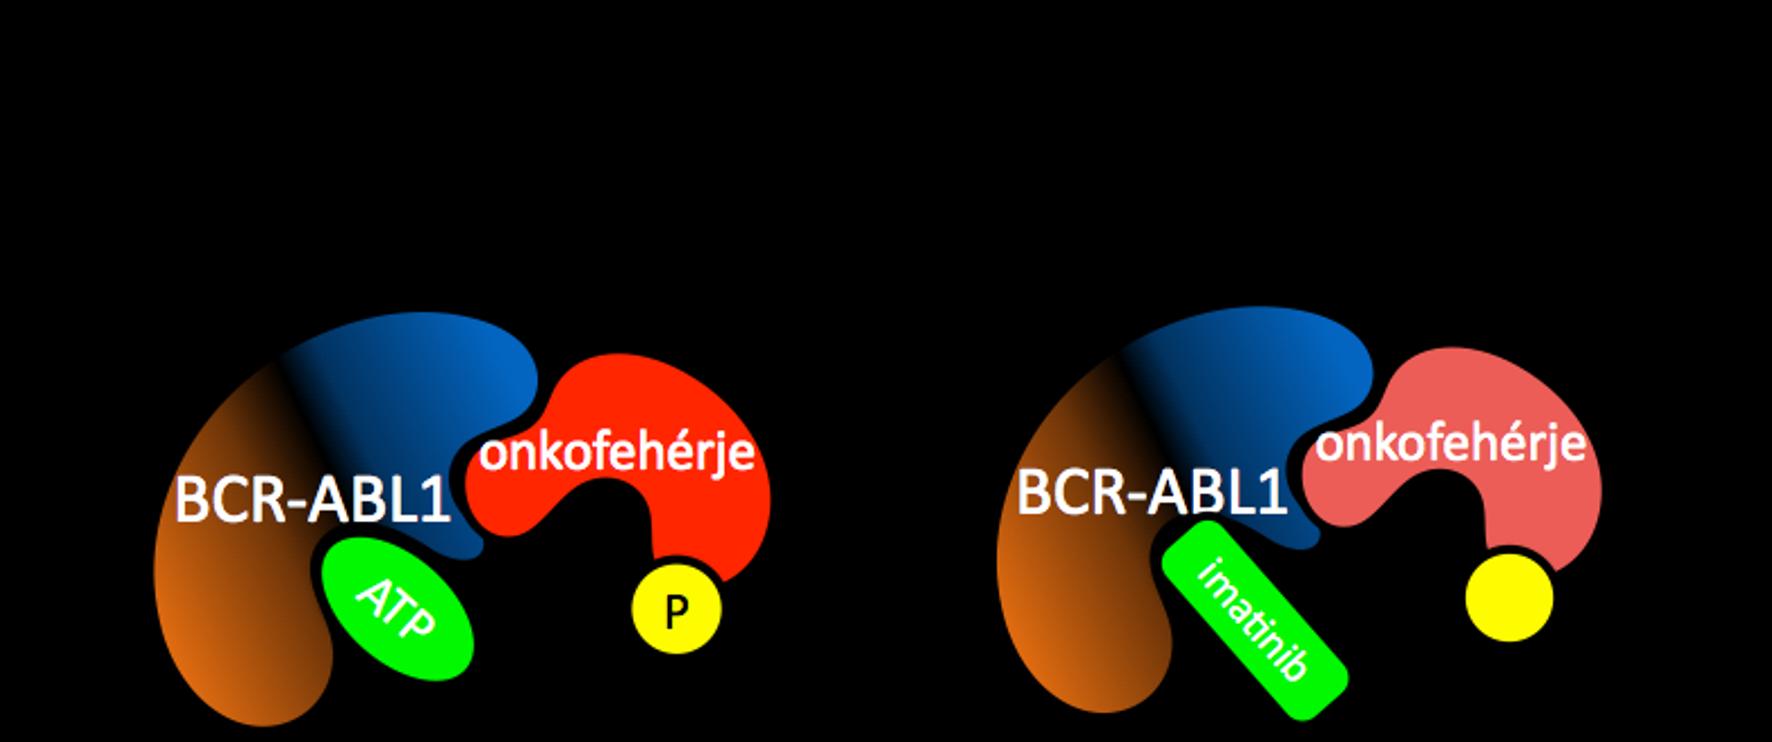 A TKI gyógyszerek a a BCR-ABL1 daganatfehérjéhez kötődve gátolják annak működését, így a leukémiás sejtek működése is gátlódik, ennek következtében a betegség visszaszorul.